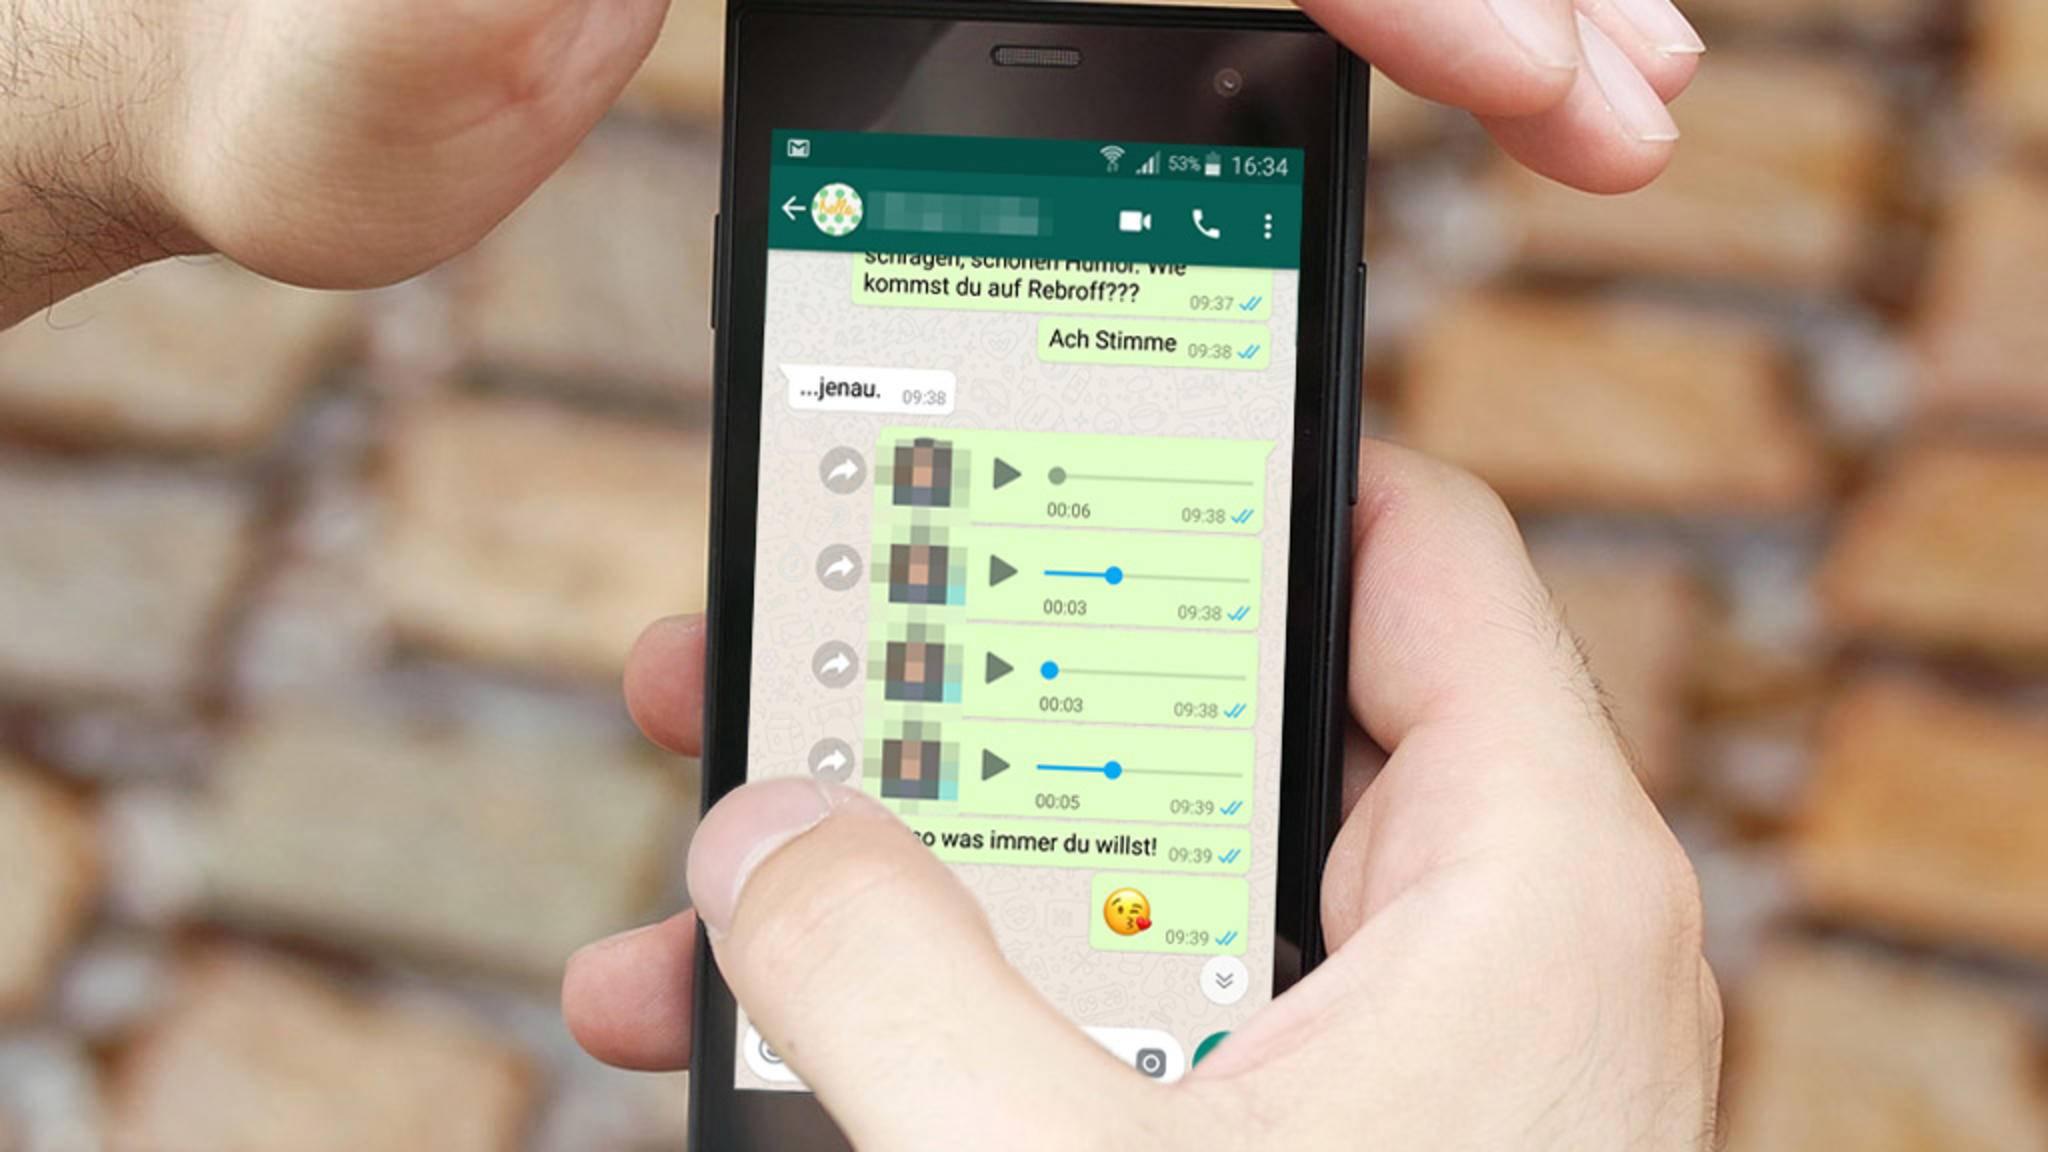 Sind deine WhatsApp-Sprachnachrichten auch zu leise?